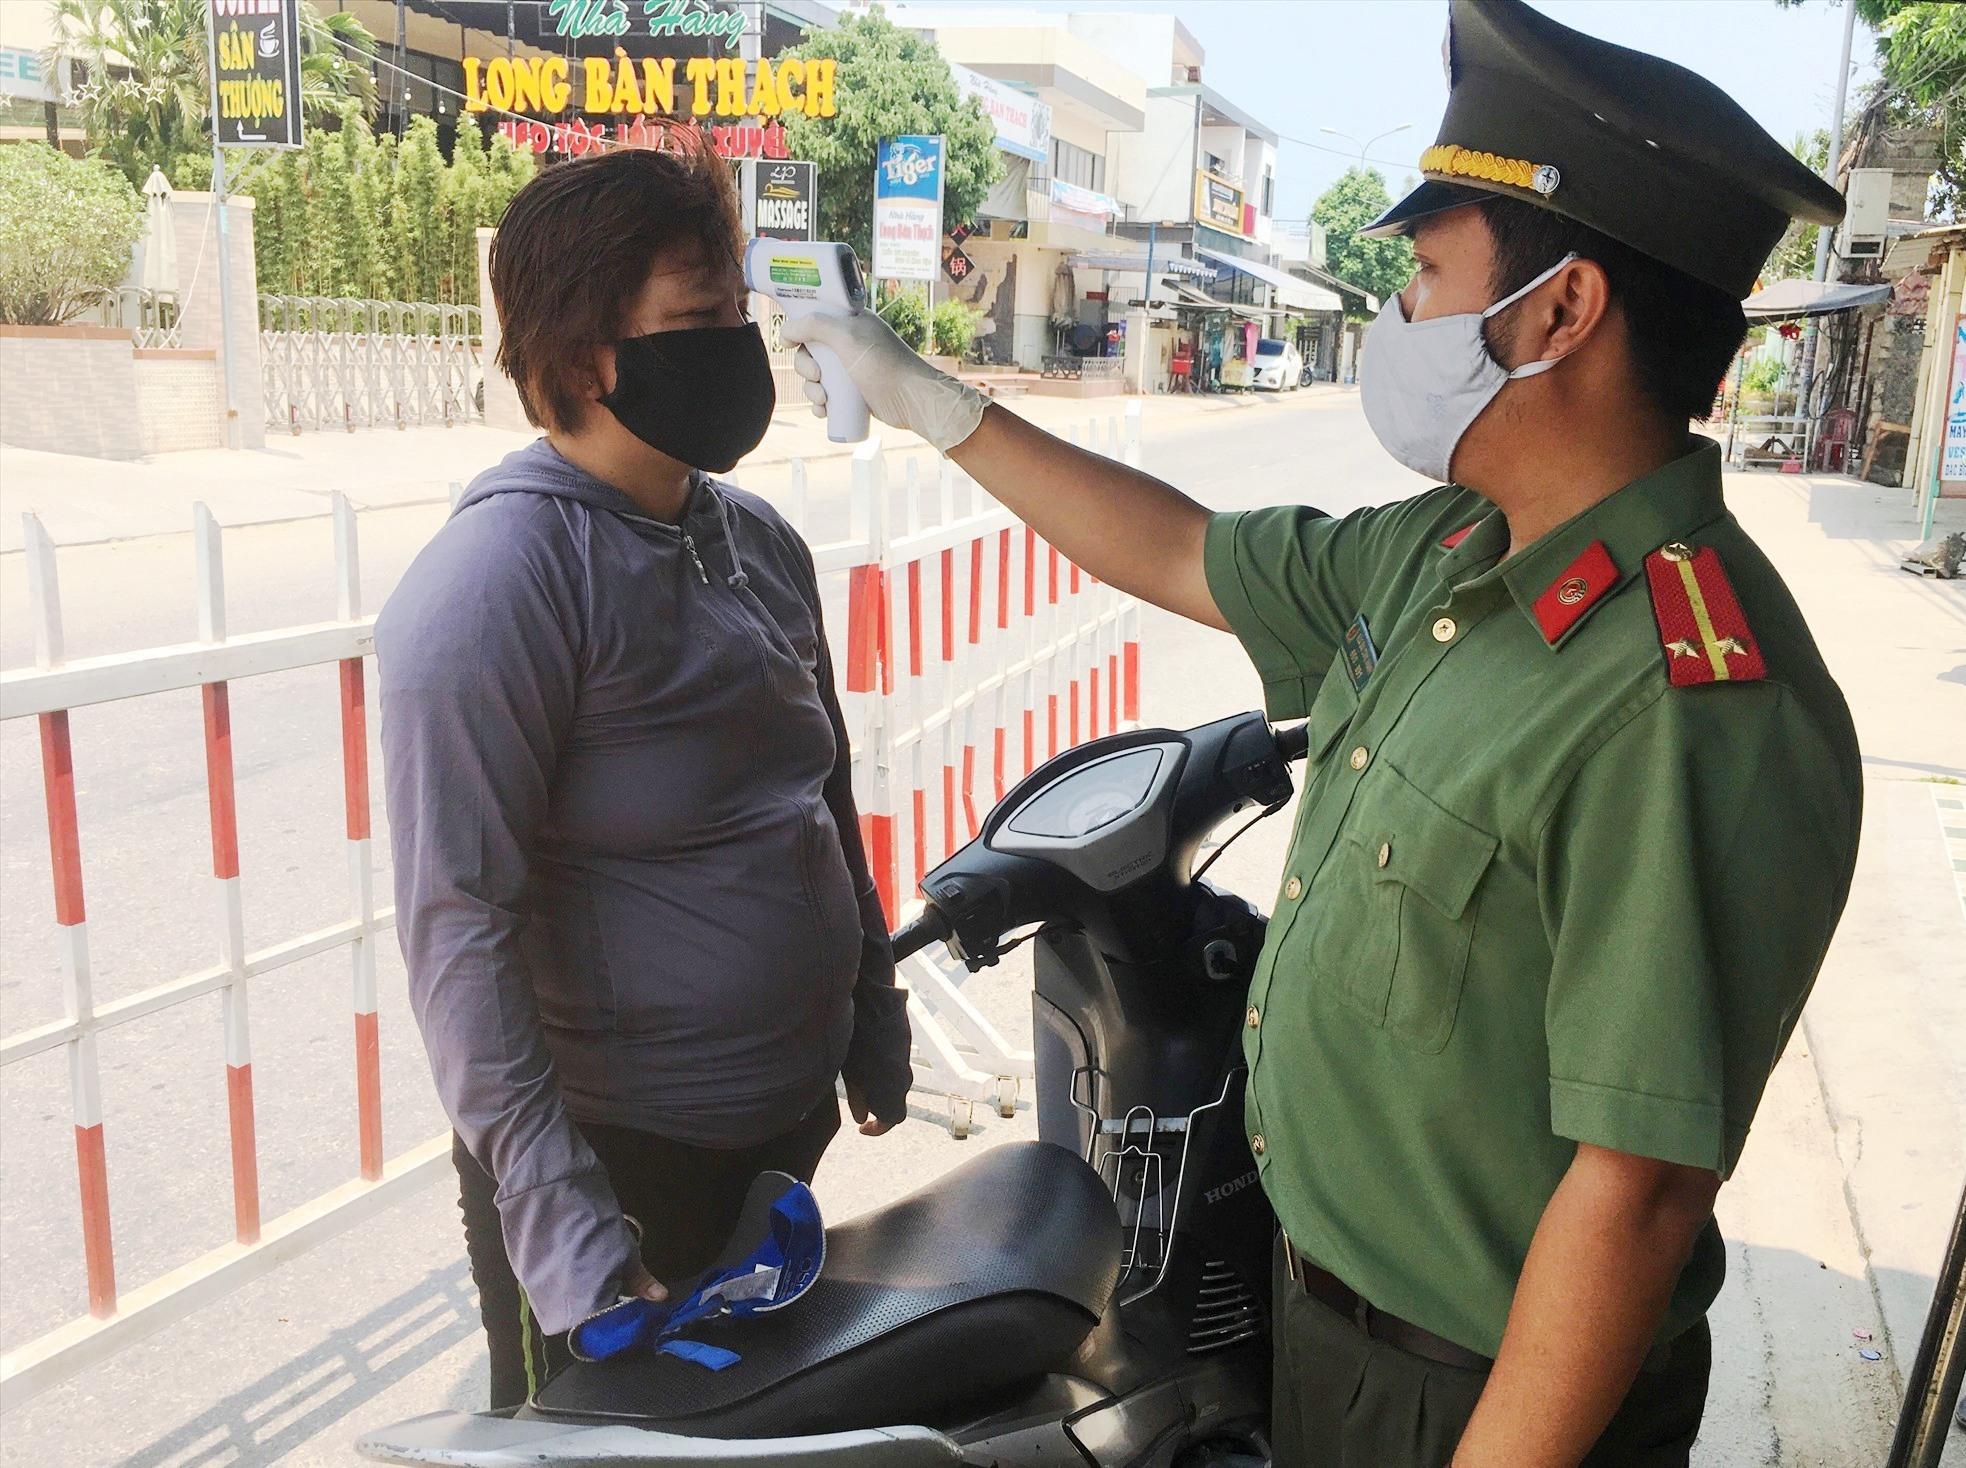 Lực lượng chức năng tại các chốt kiểm soát dịch bệnh thực hiện việc đo thân nhiệt đối với người dân khi vào địa bàn Duy Xuyên.